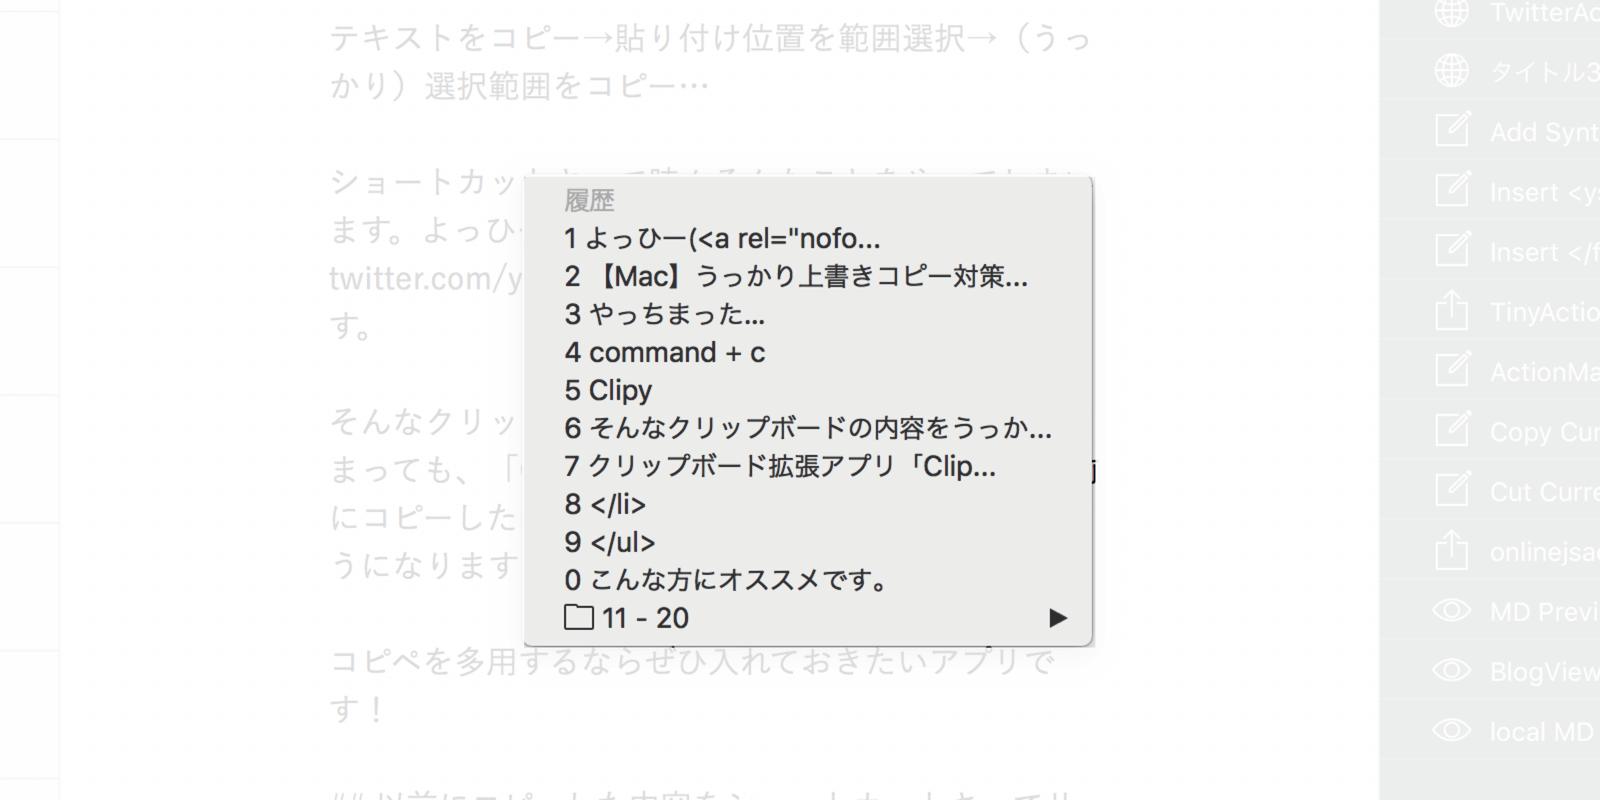 クリップボードにコピーした内容を記憶・呼び出しできるアプリ